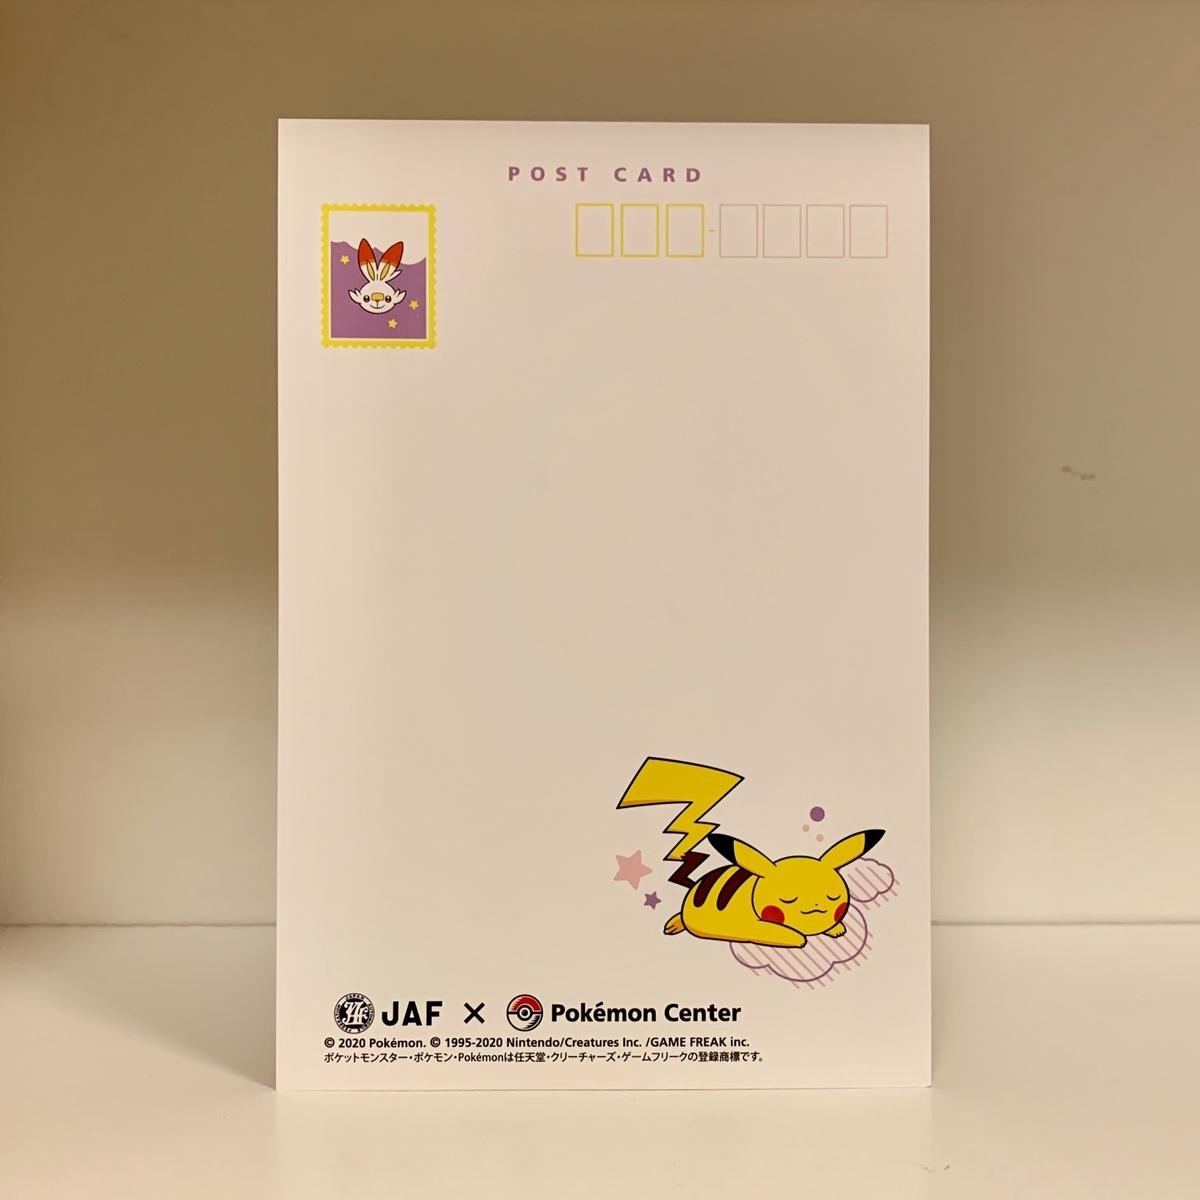 f:id:pikachu_pcn:20200121213648j:plain